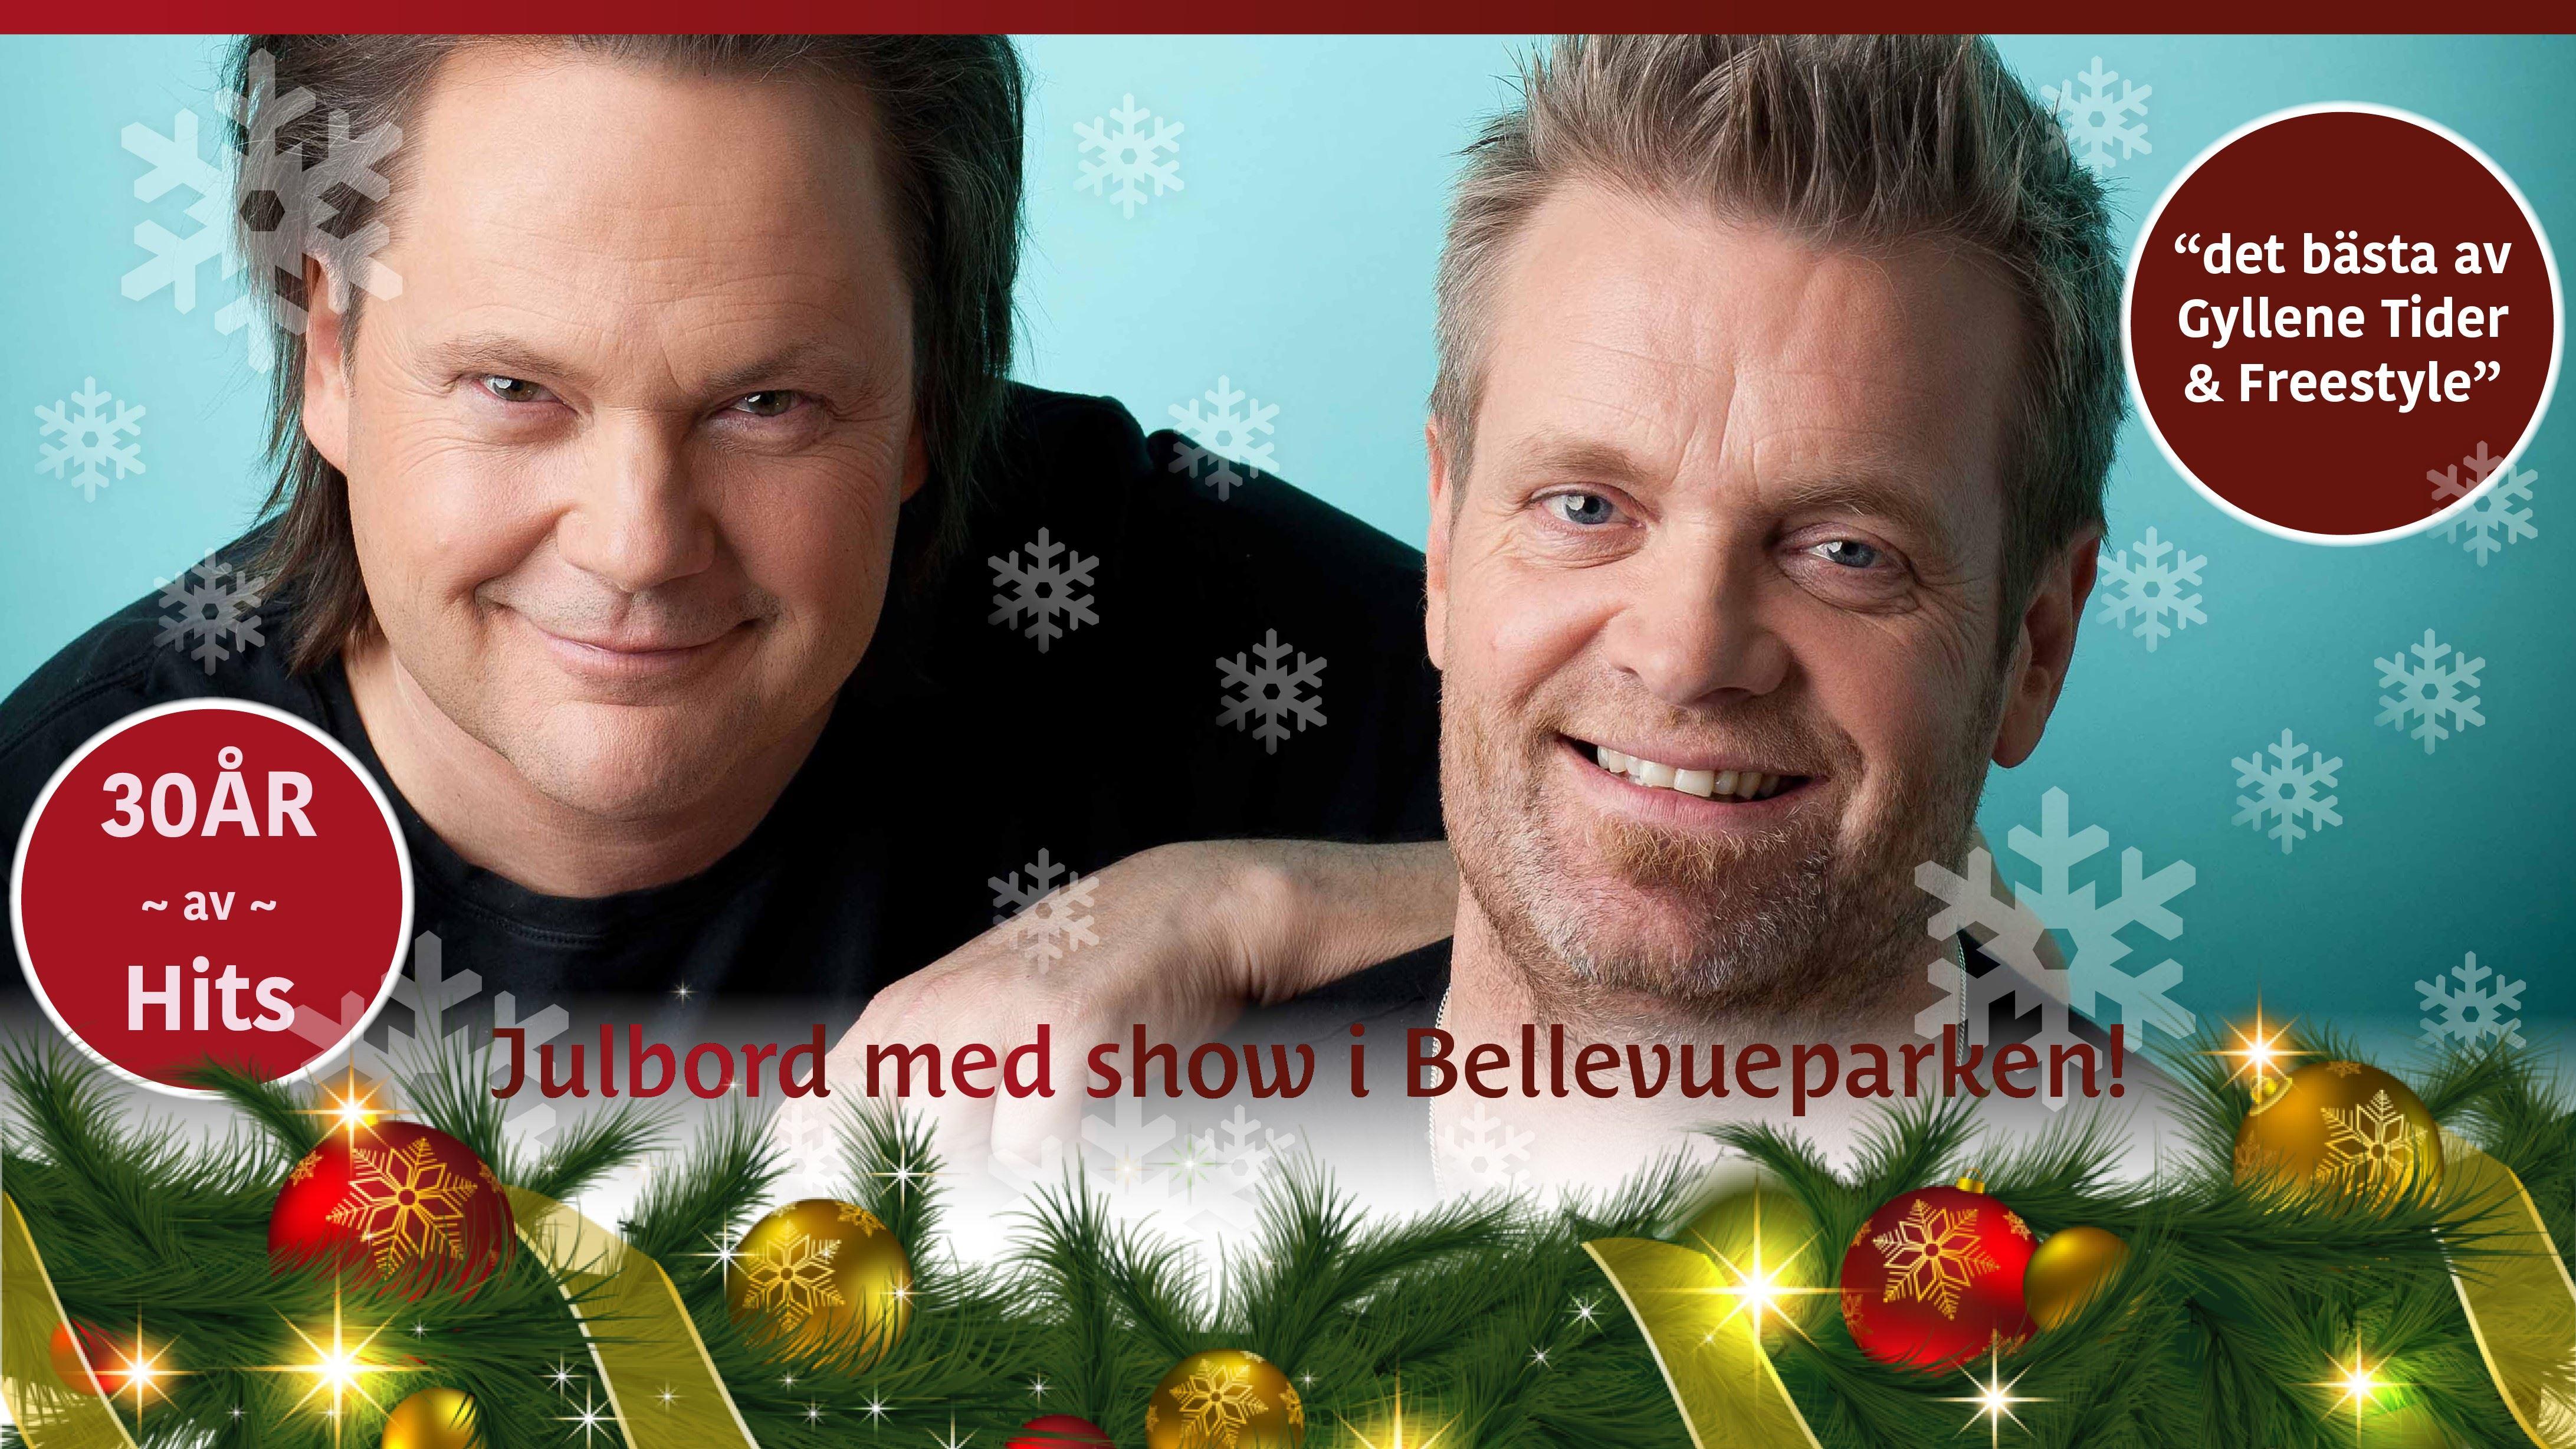 Julbord och show med Syd & Ekman